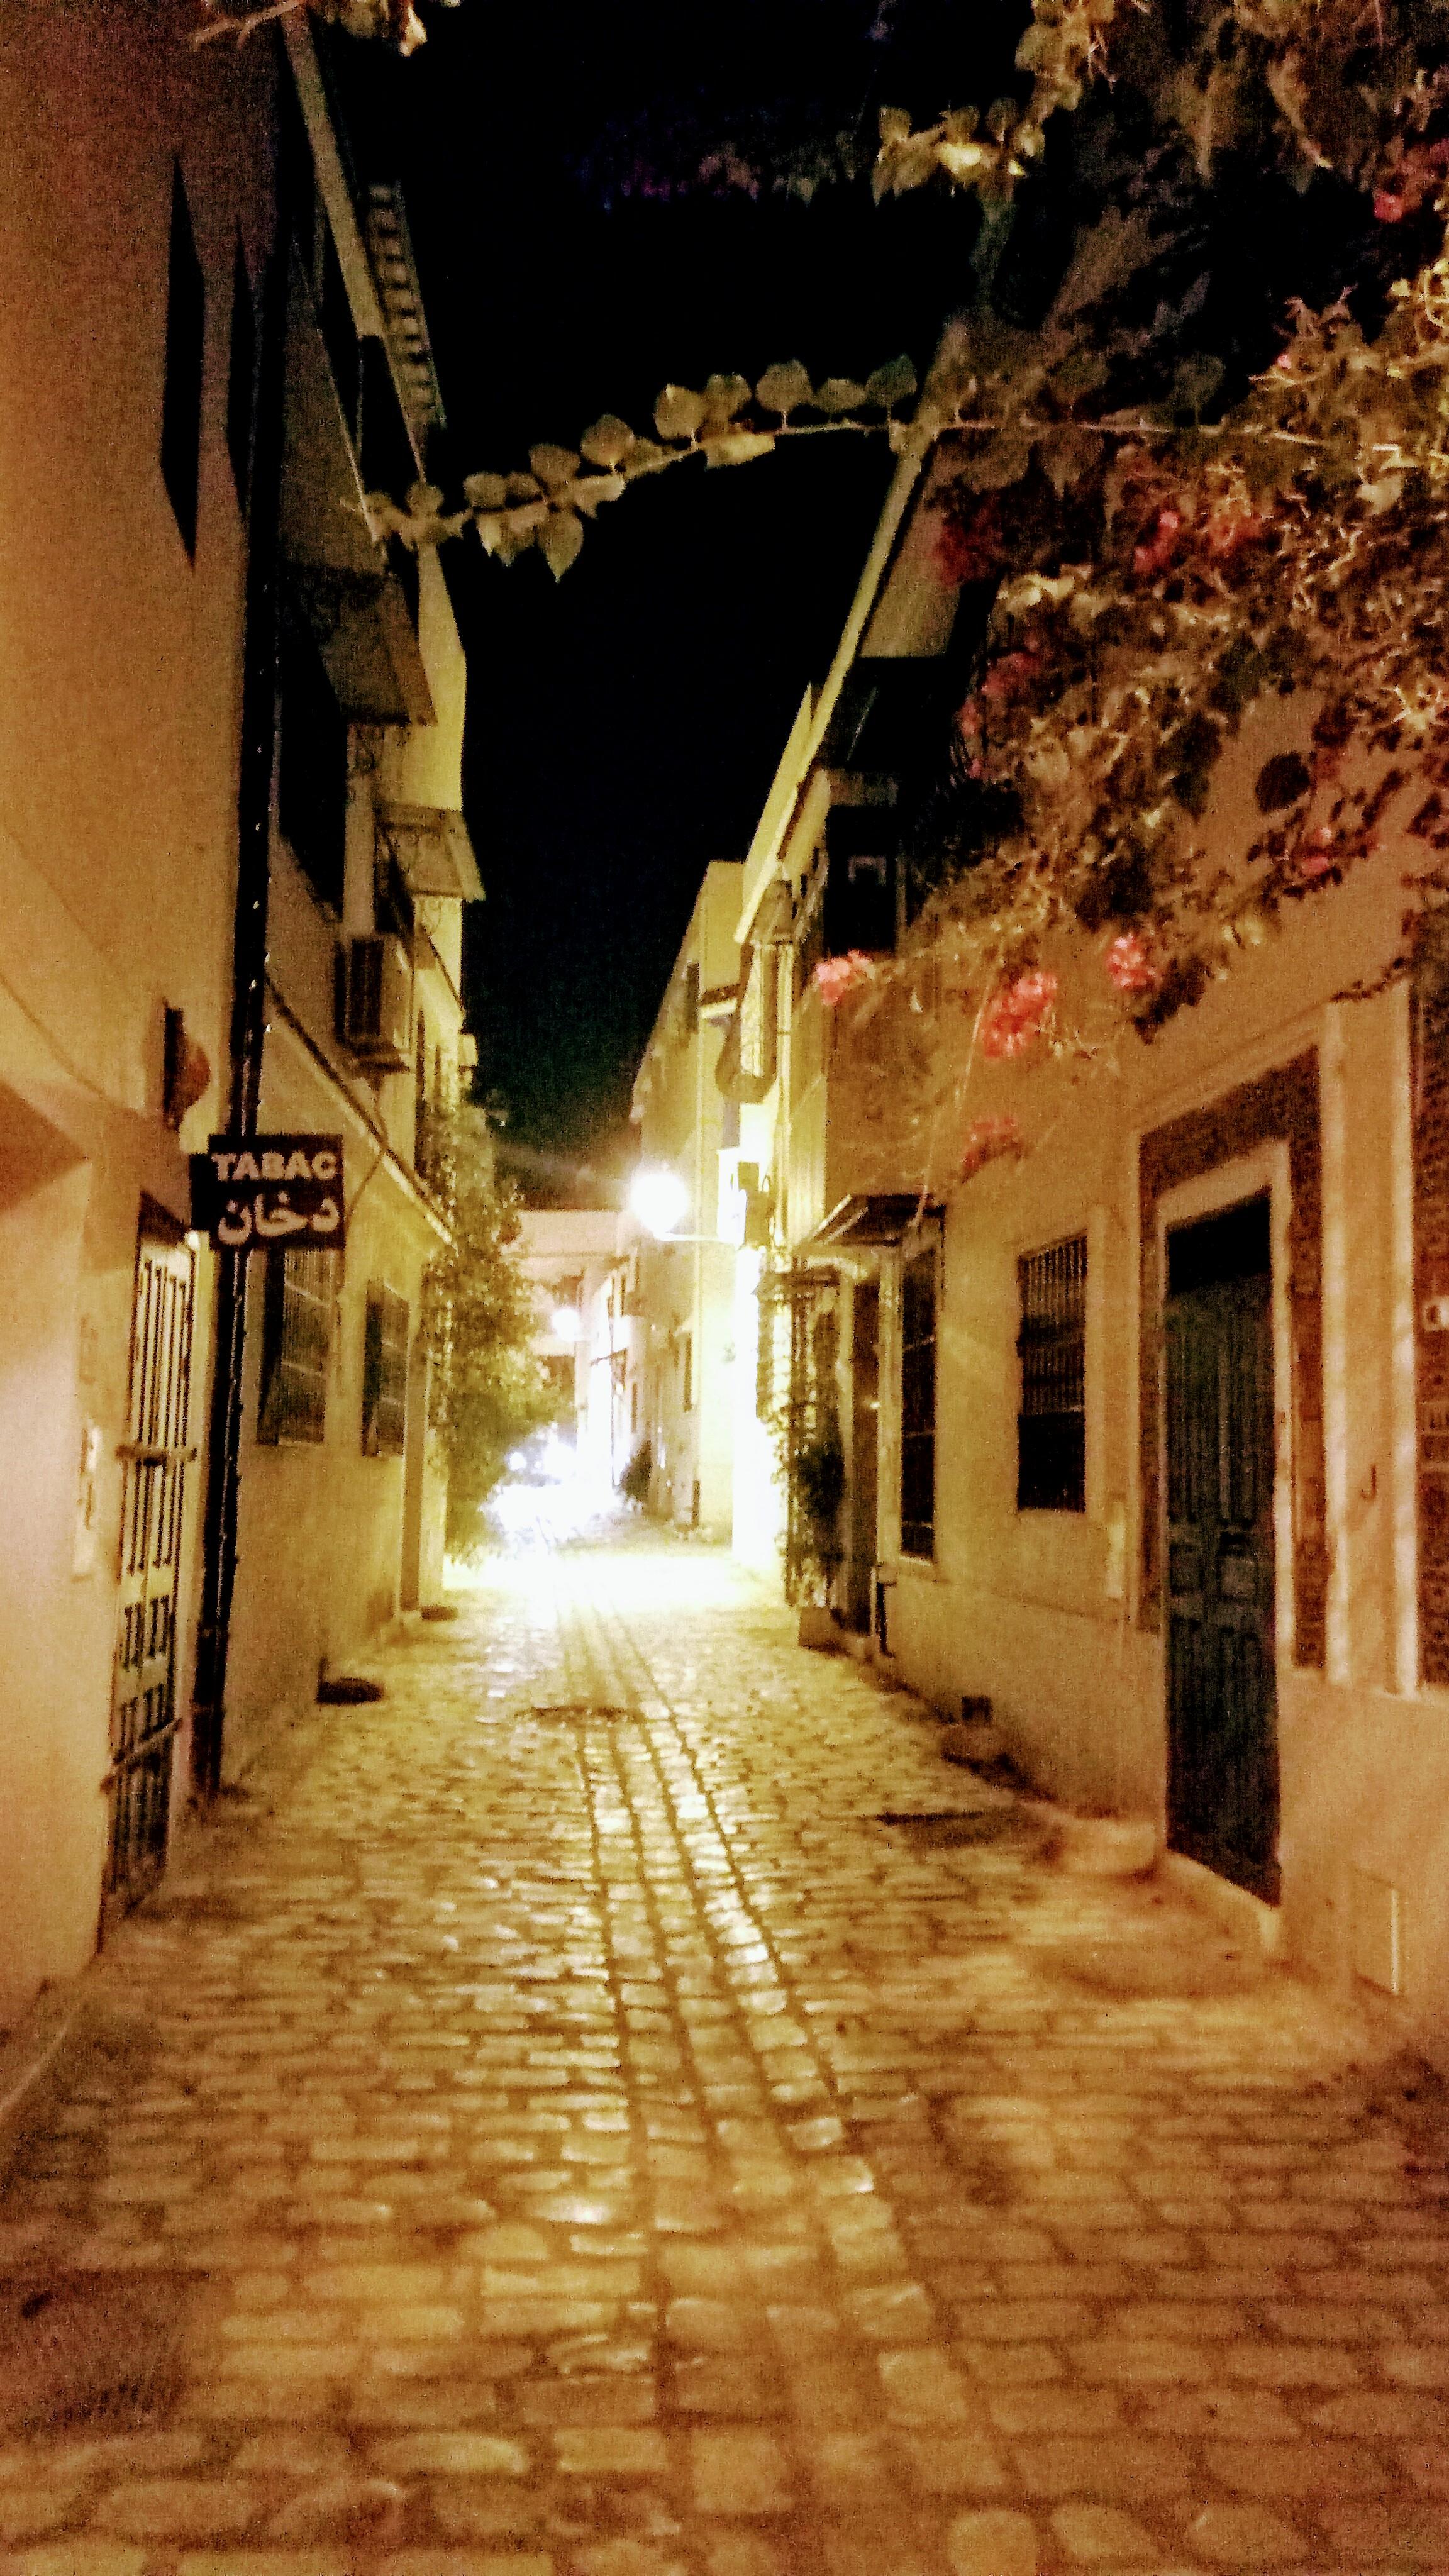 Rue du riche, Tourbet El Bey, 1008 Tunis